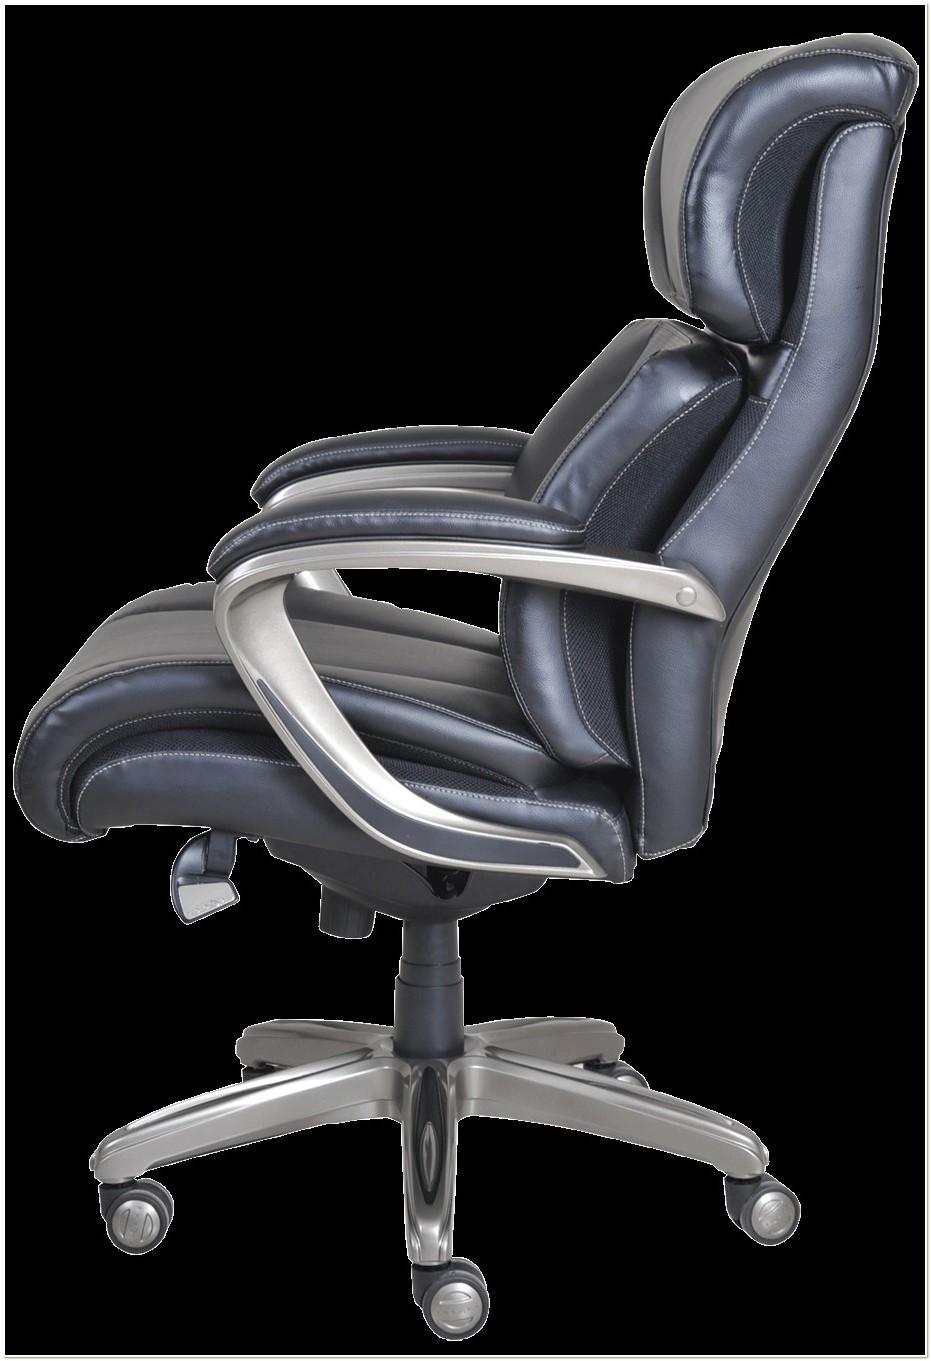 La Z Boy Executive Chair Nexus